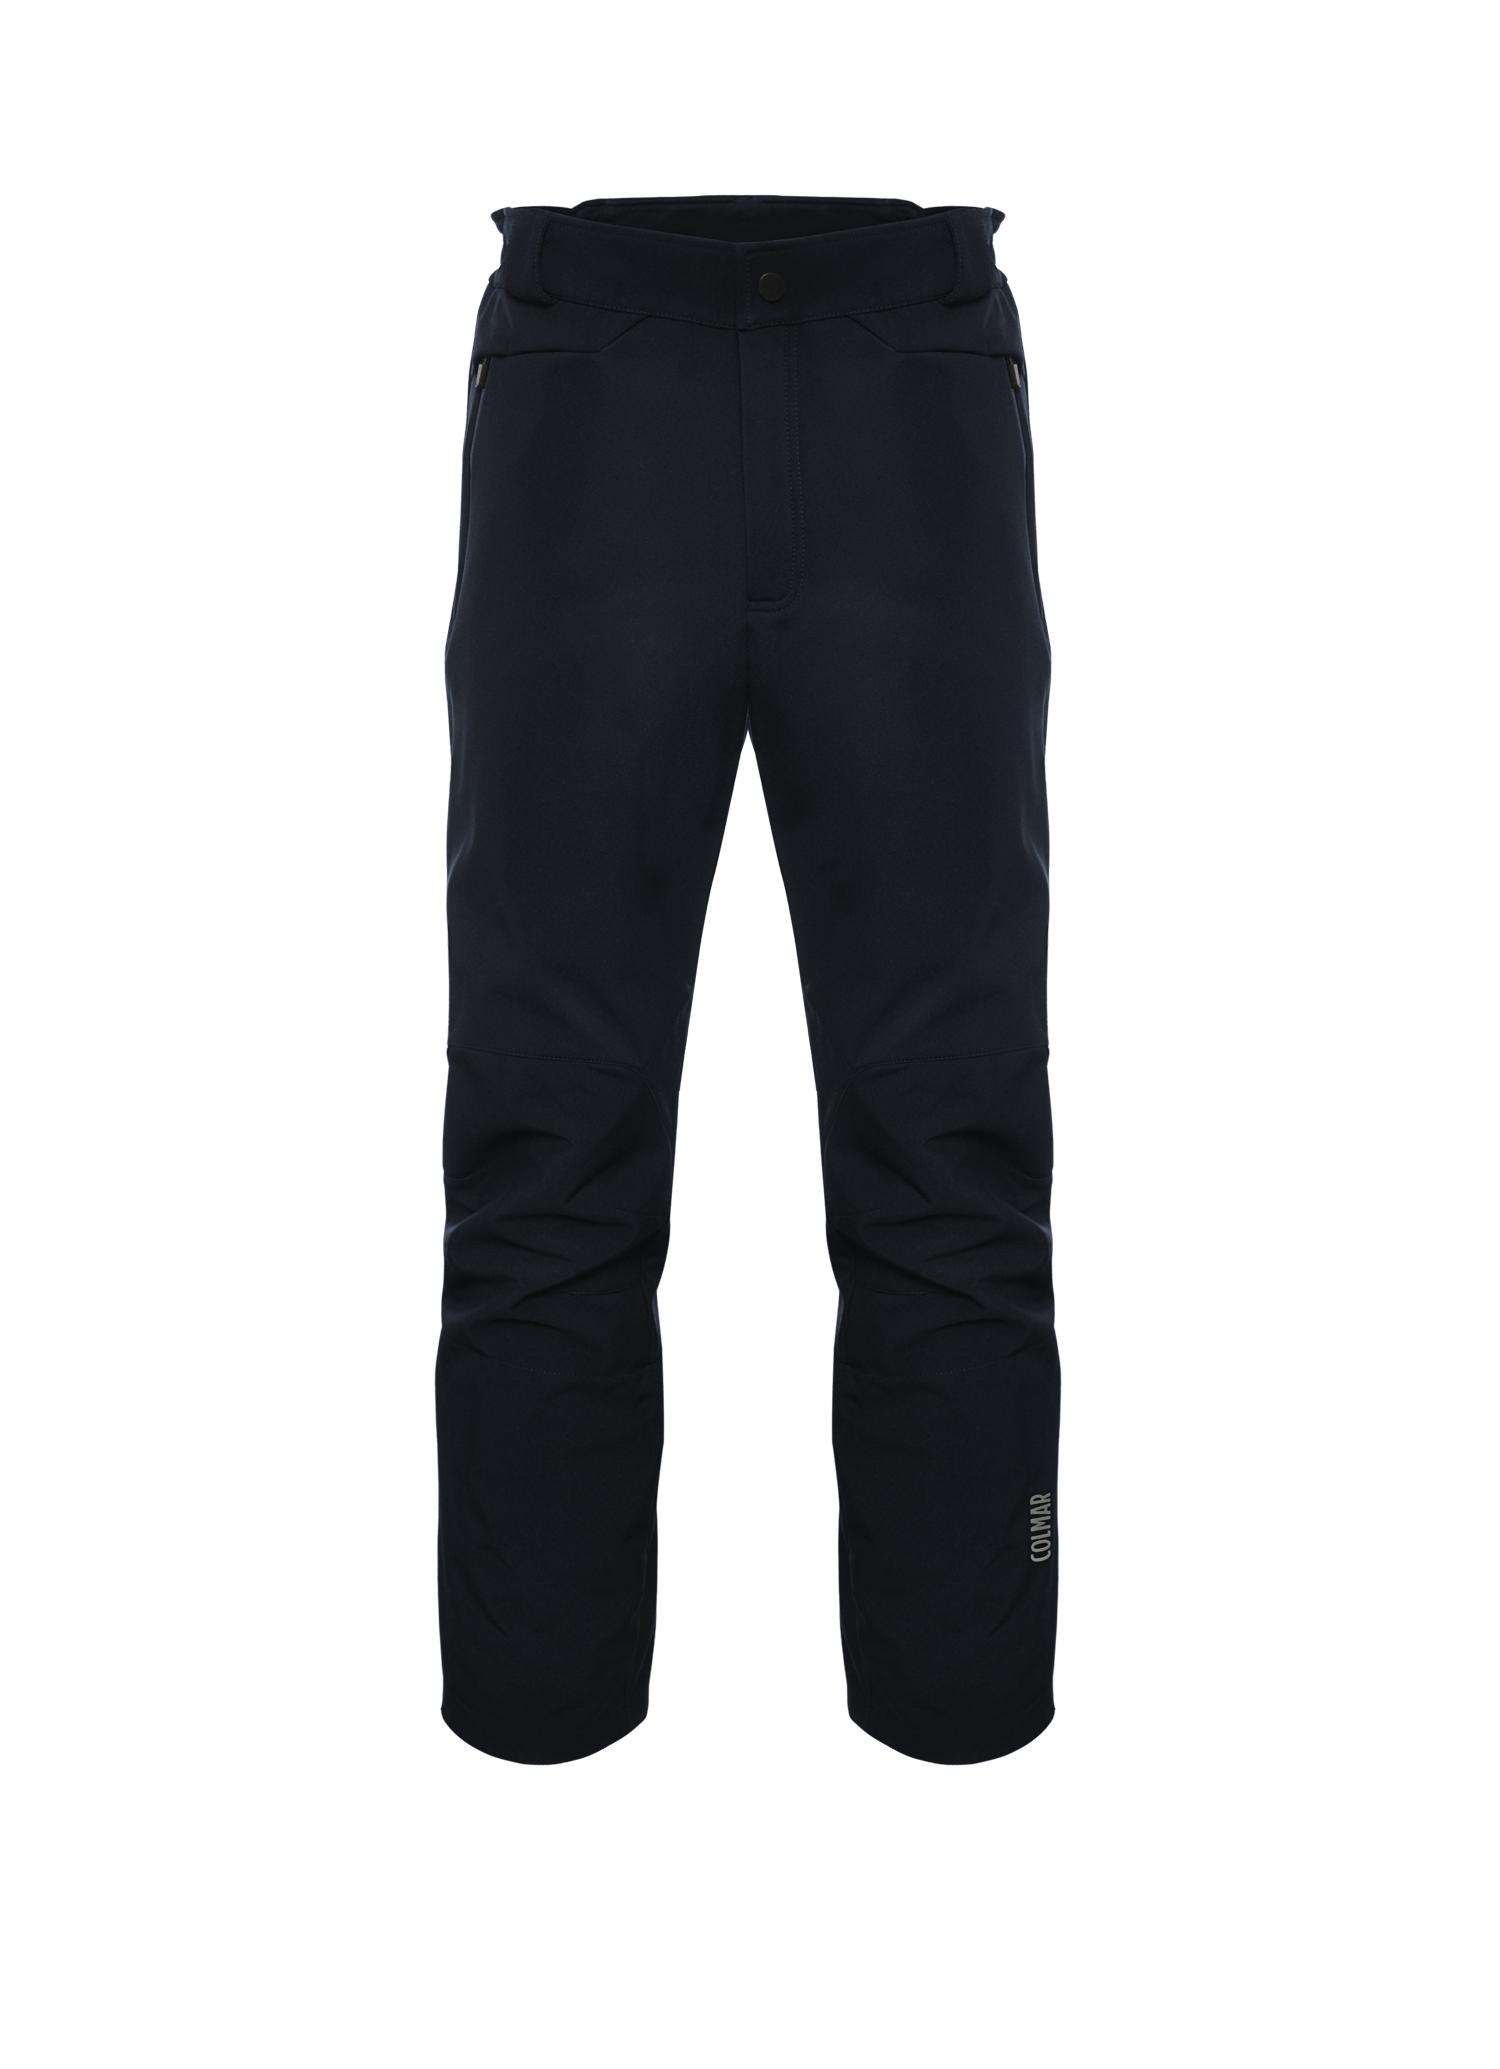 Kalhoty softshellové COLMAR 0166 Velikost: XXL